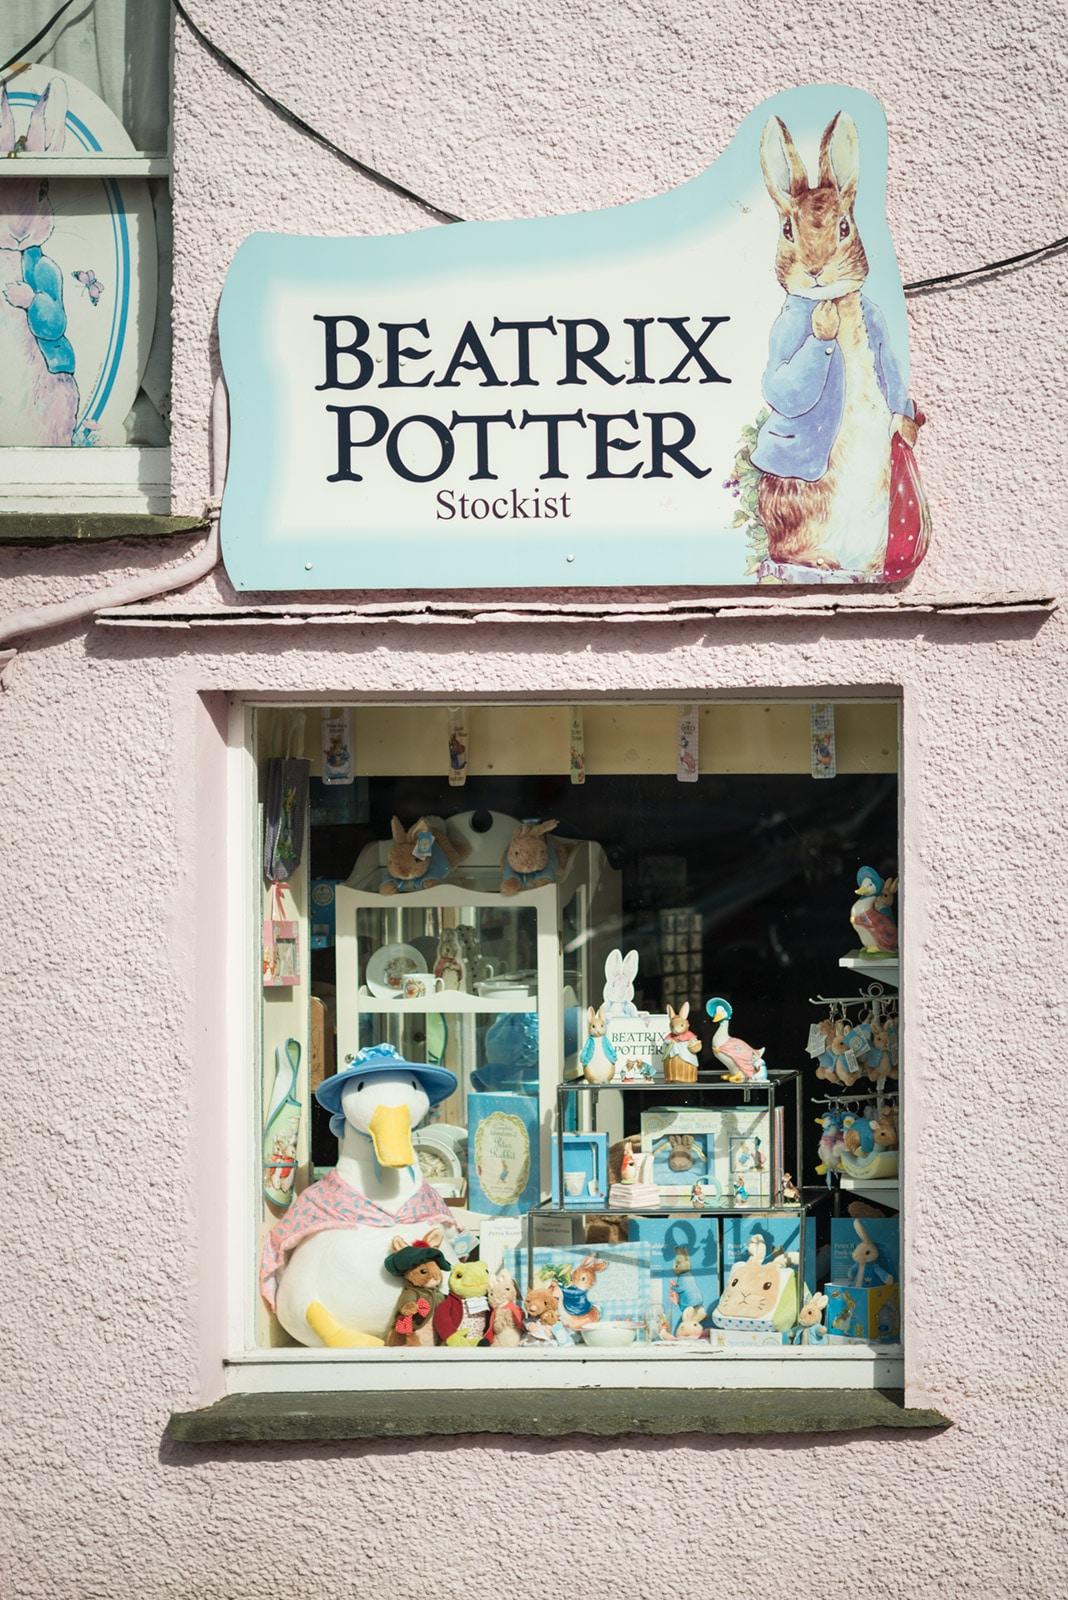 20160325 8299 - Beatrix Potter and Hill Top Farm